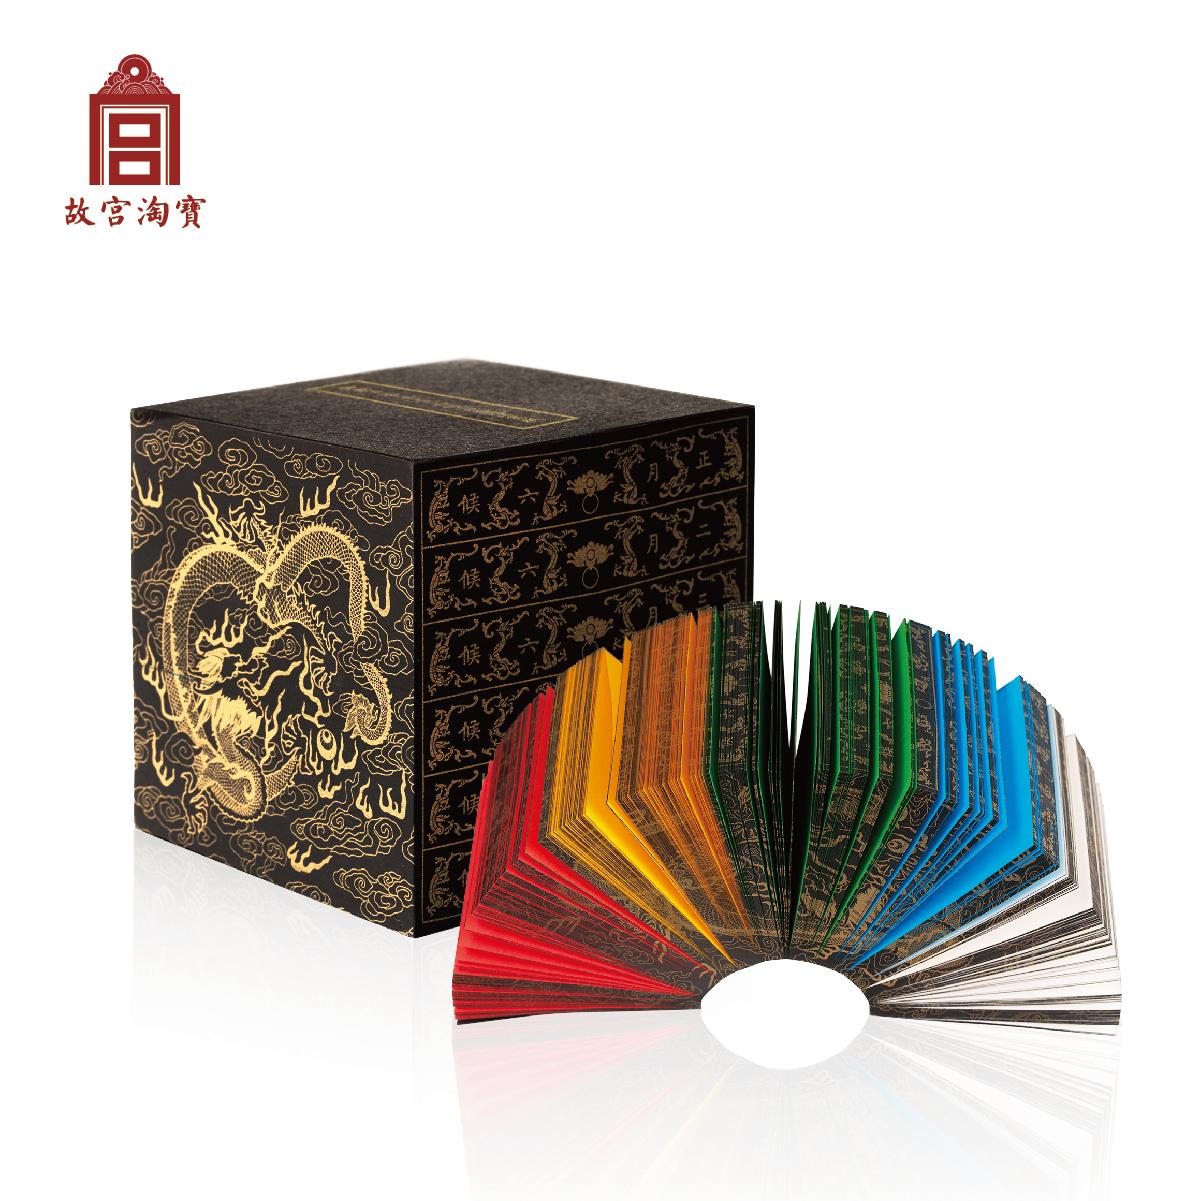 【故宫淘宝】印金御龙五色便签本办公便签纸砖实用创意礼物便利贴(非品牌)